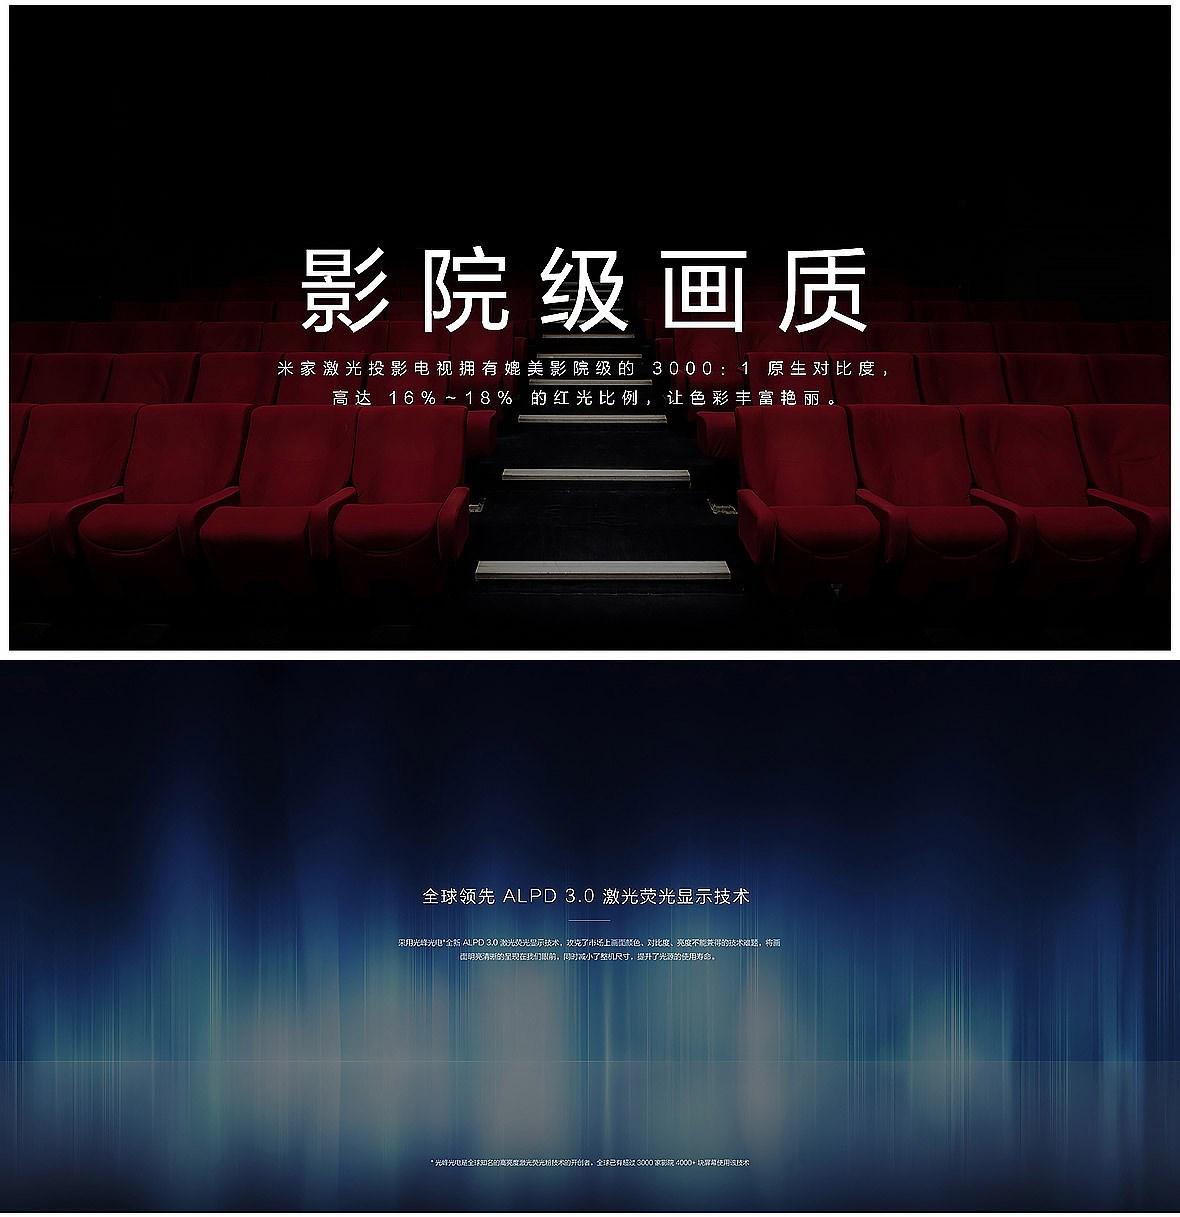 PC_米家激光电视_web_03.jpg